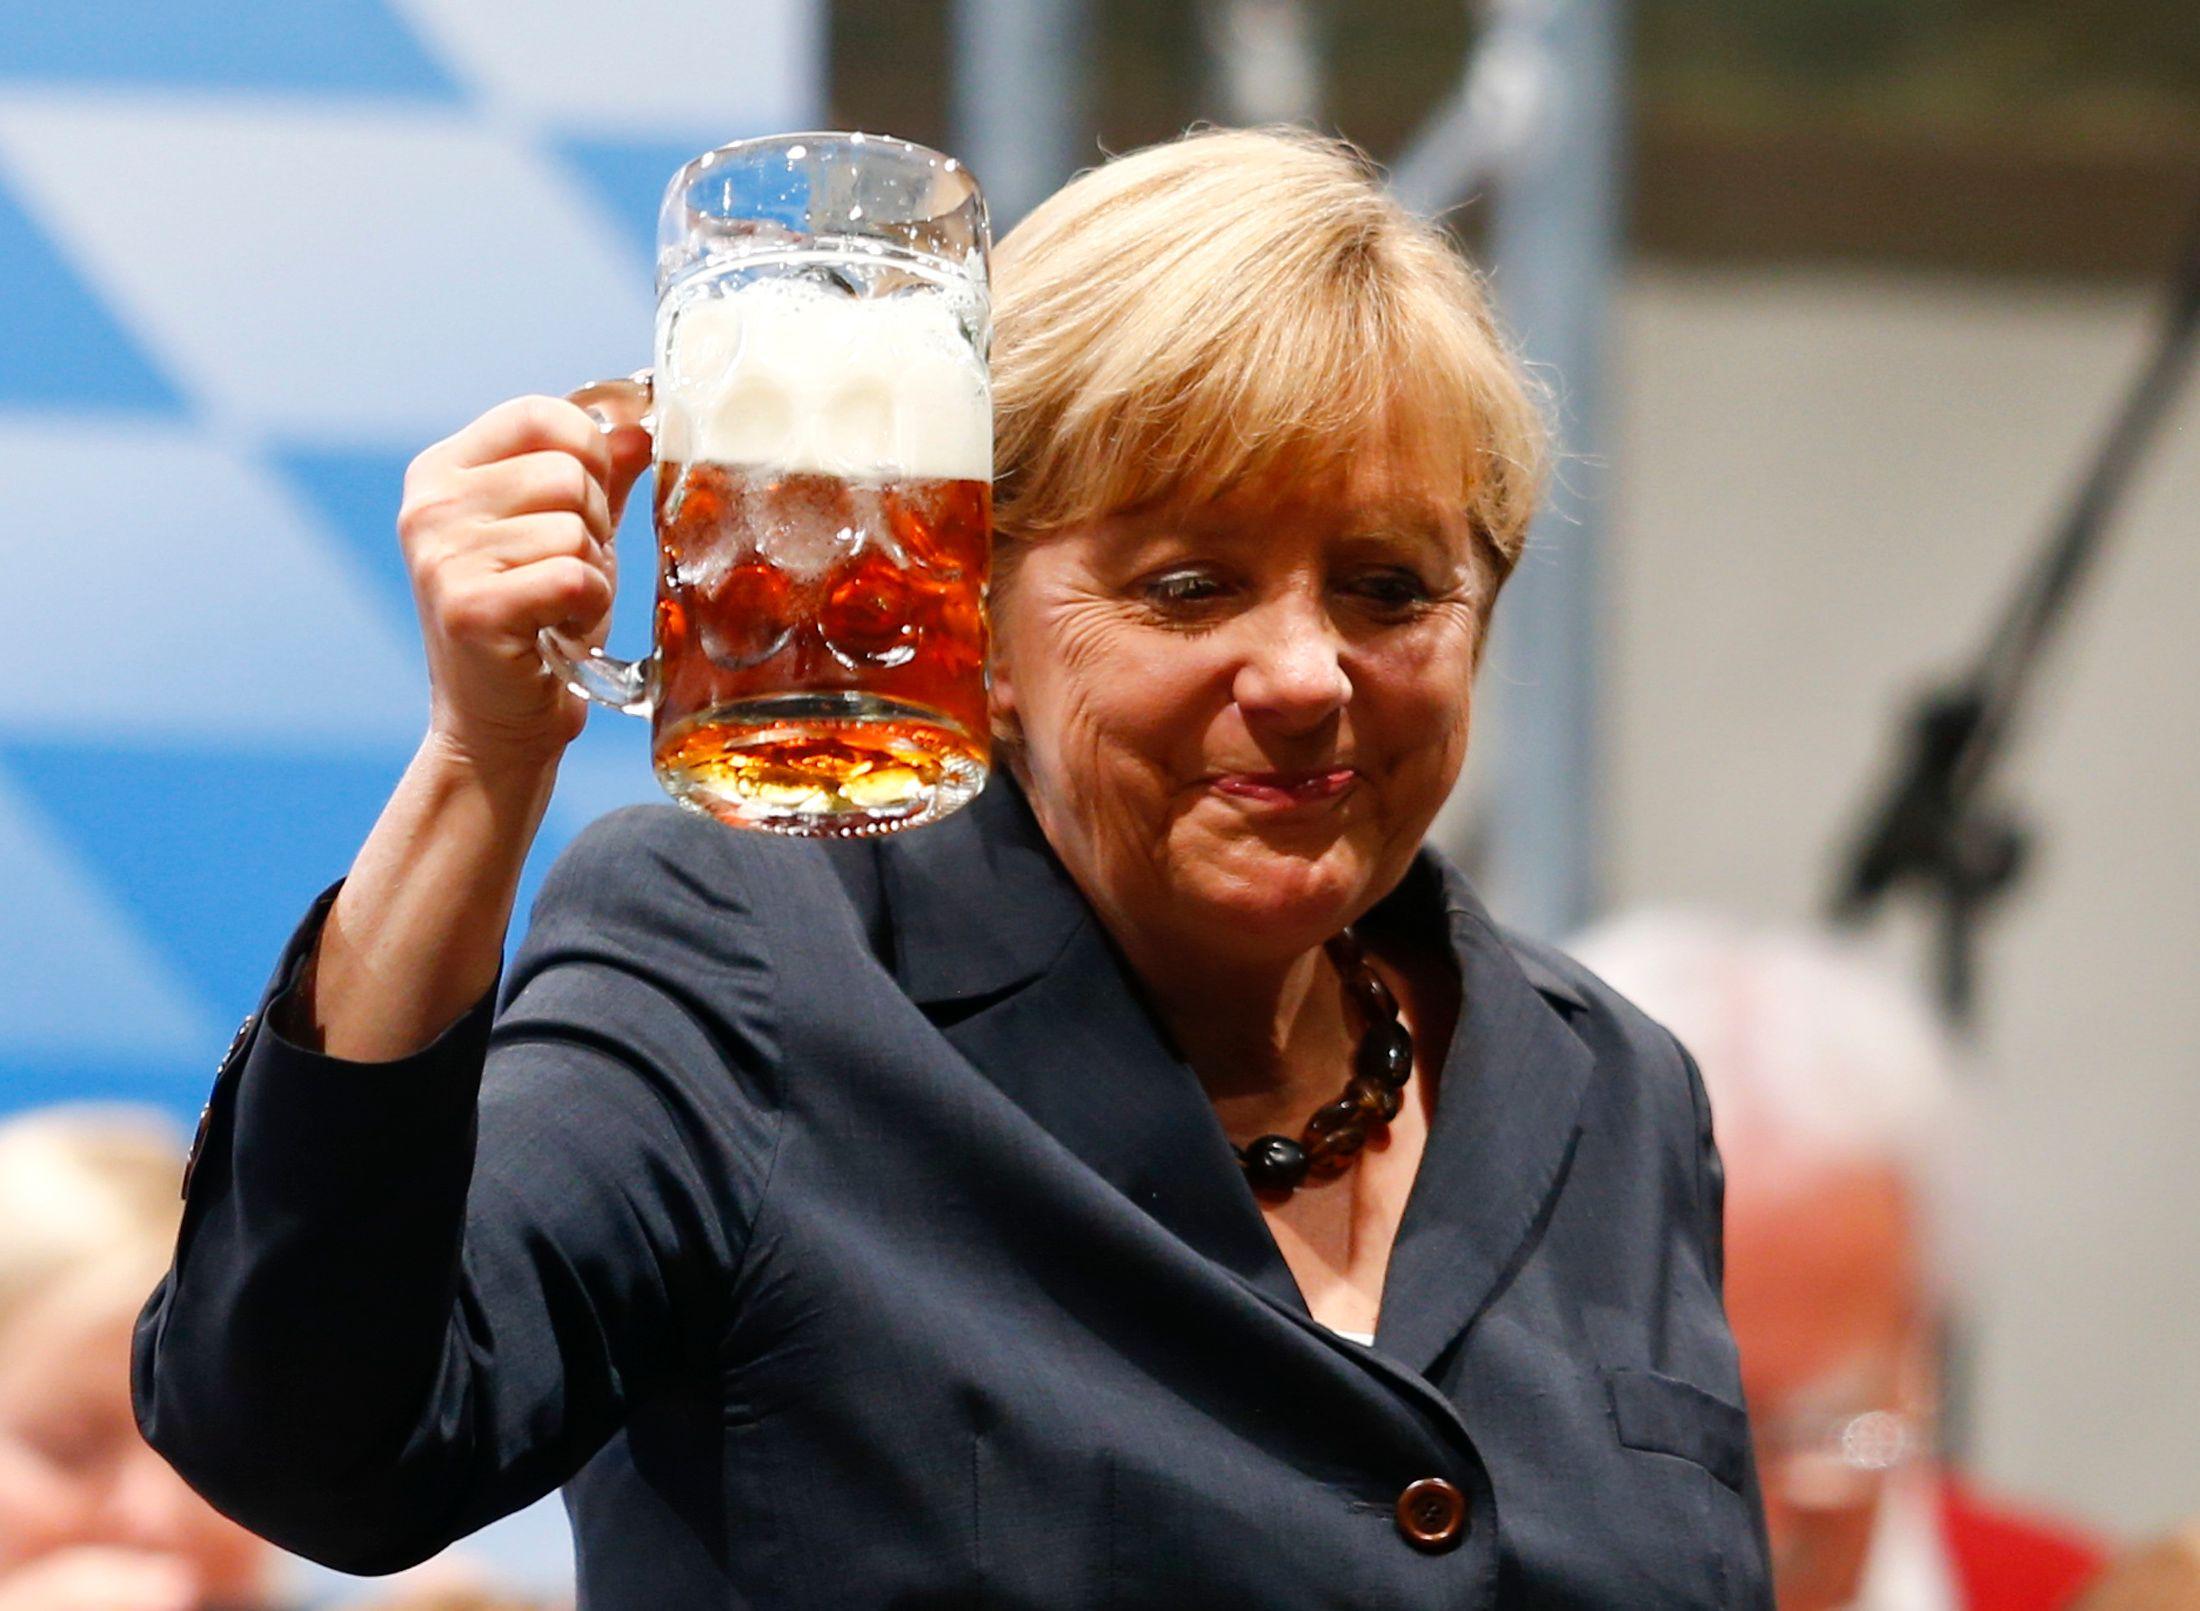 En mai dernier, un sondage réalisé dans 25 pays révélait que l'Allemagne était le pays le plus apprécié au monde.